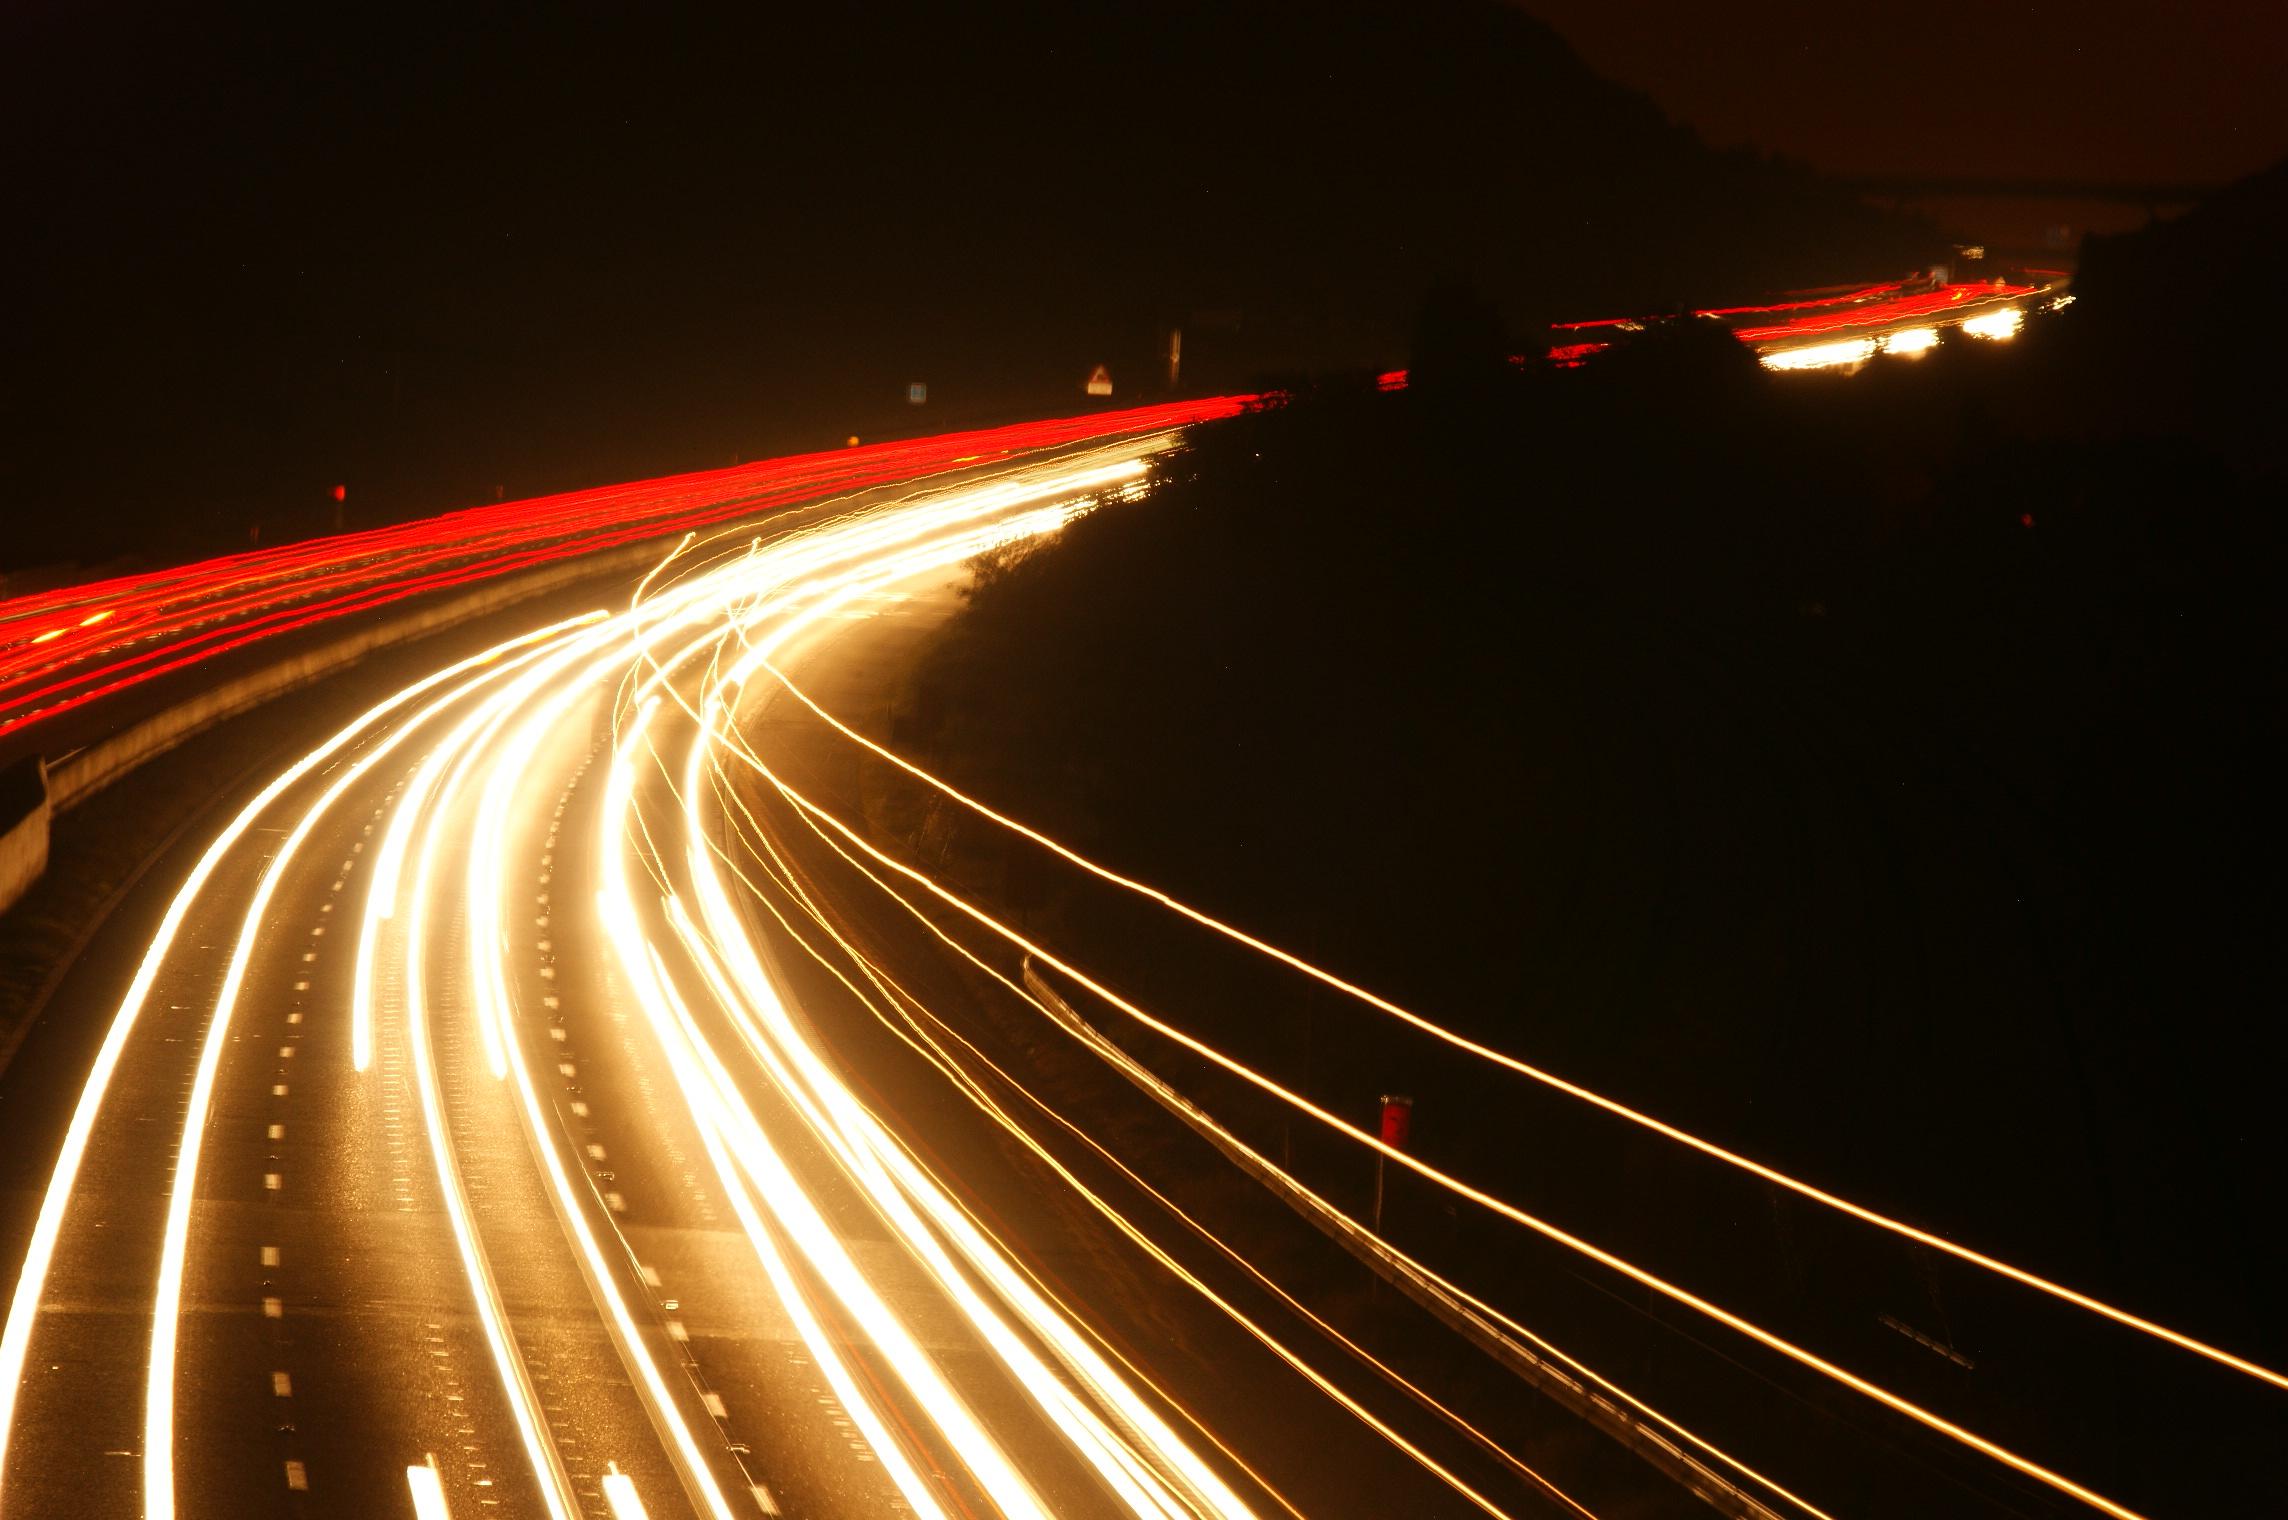 Tempo di posa lunghi per ottenere scie luminose di auto